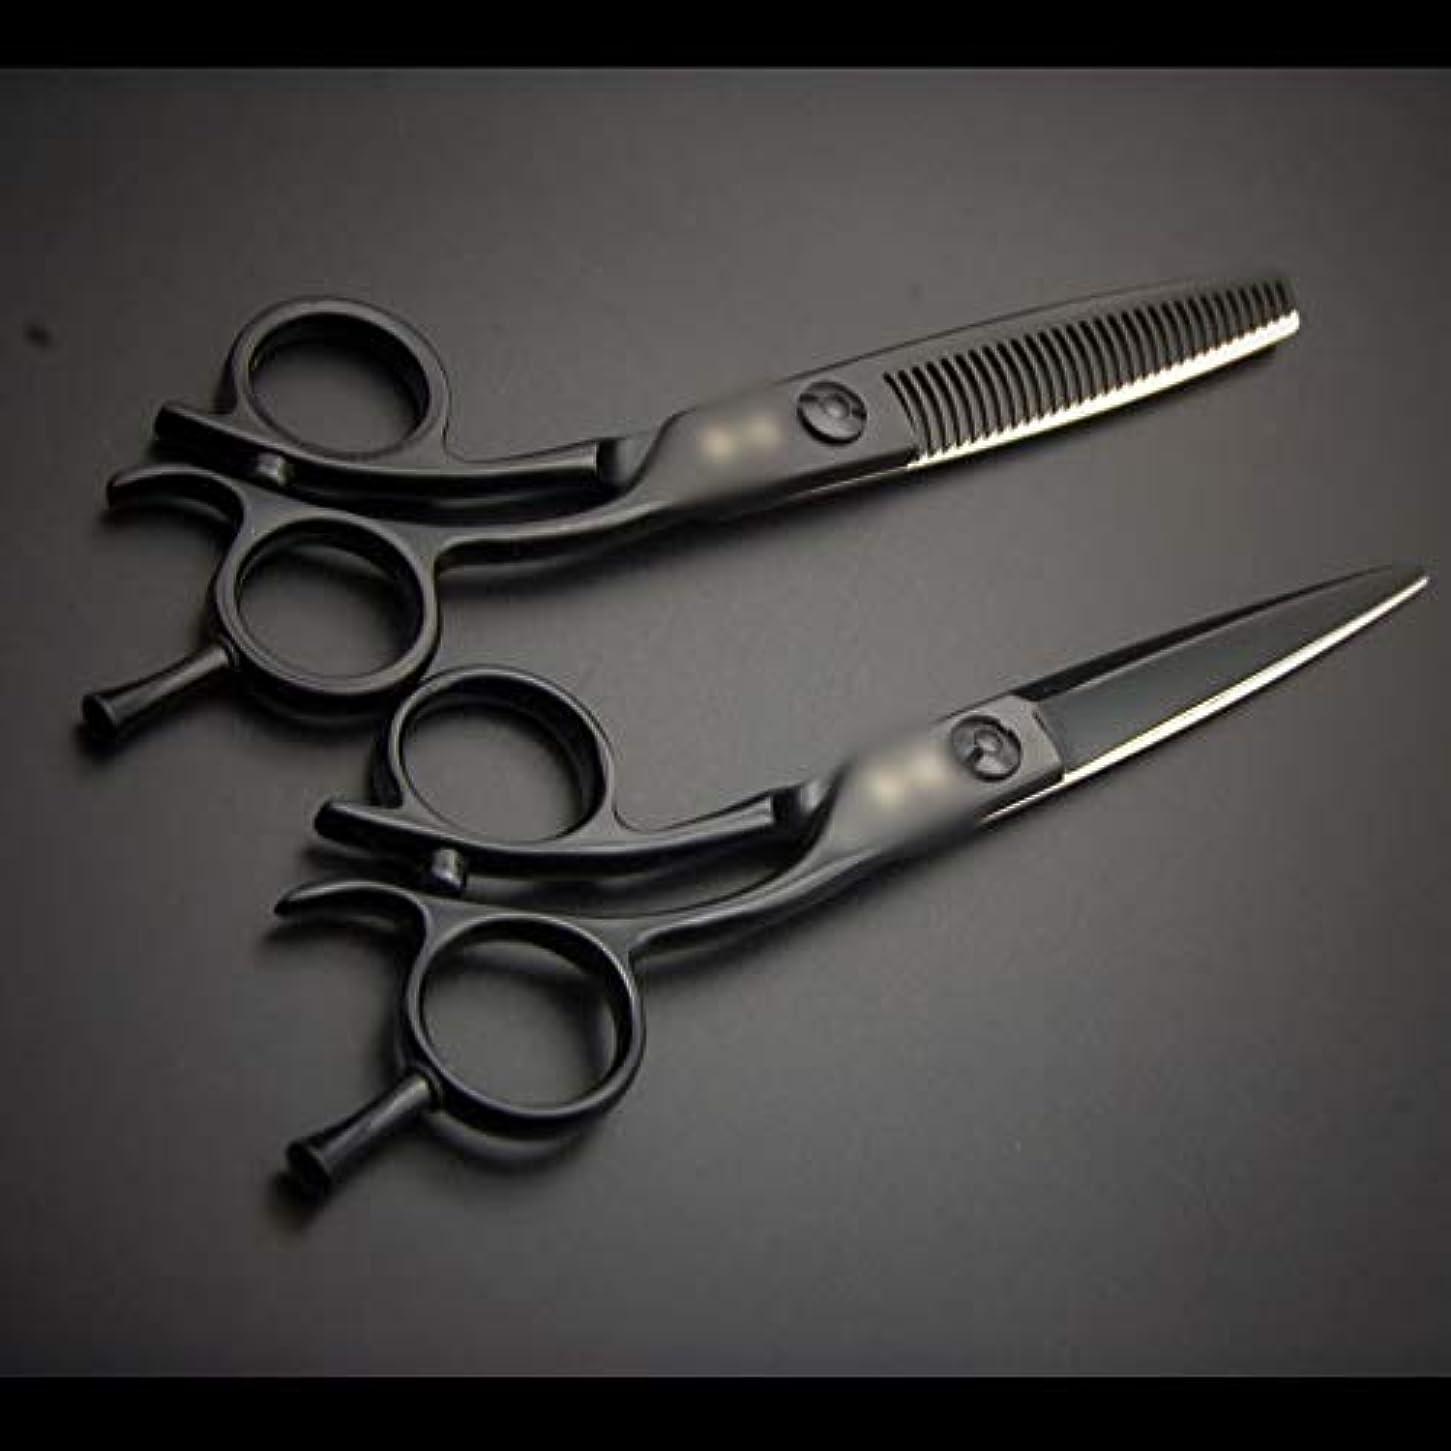 体差し控えるアセンブリ6インチ美容院プロフェッショナル理髪セット、歯のせん断+フラットせん断セット モデリングツール (色 : 黒)